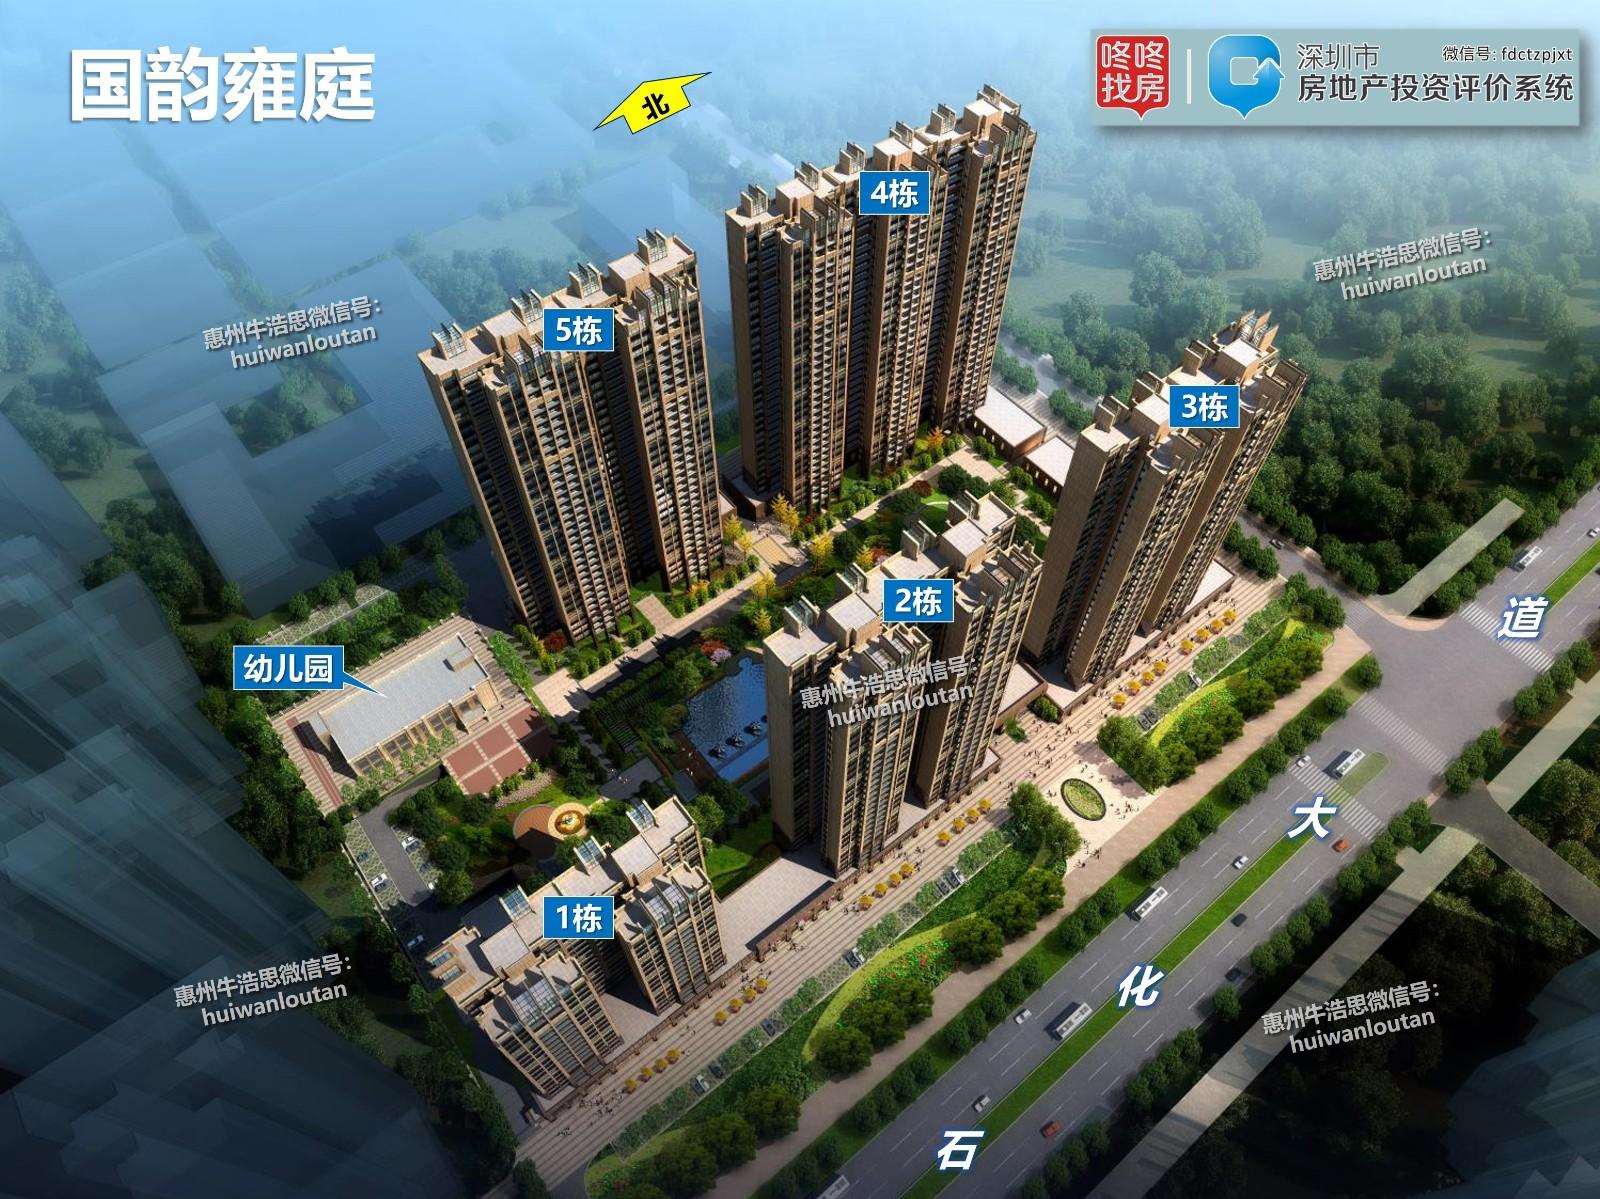 国韵雍庭-深圳房地产信息网